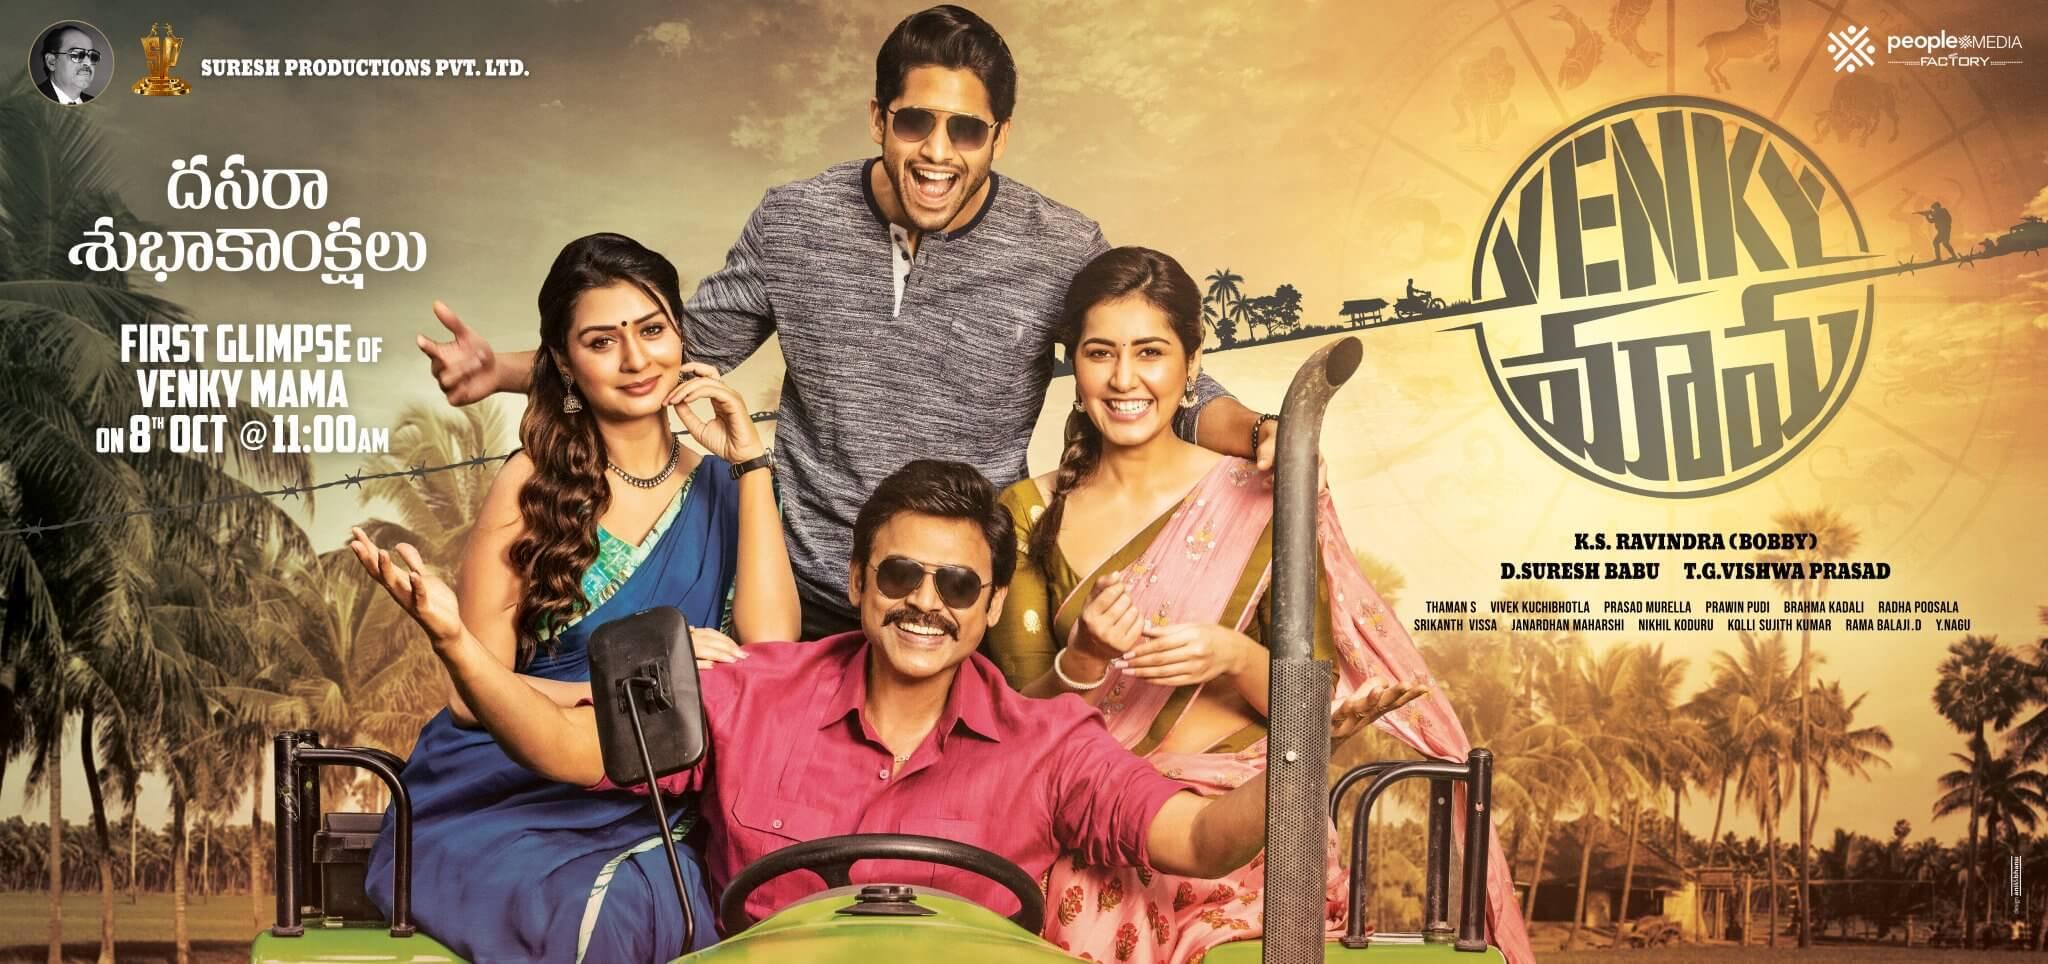 Venky Mama Telugu Movie released